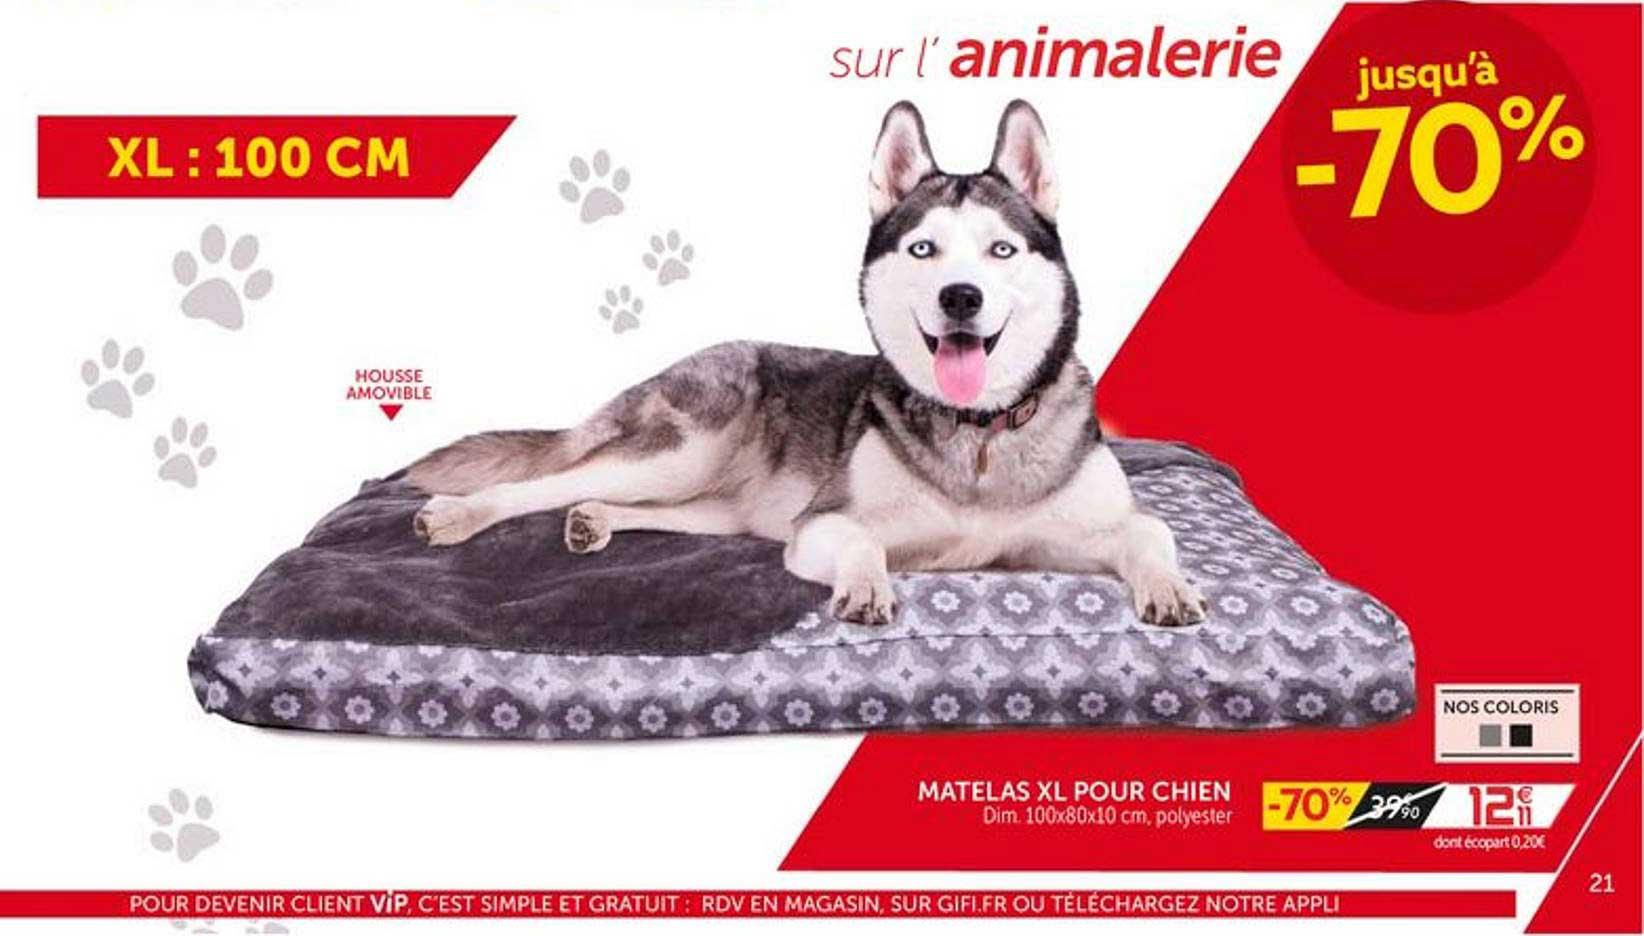 offre matelas xl pour chien chez gifi